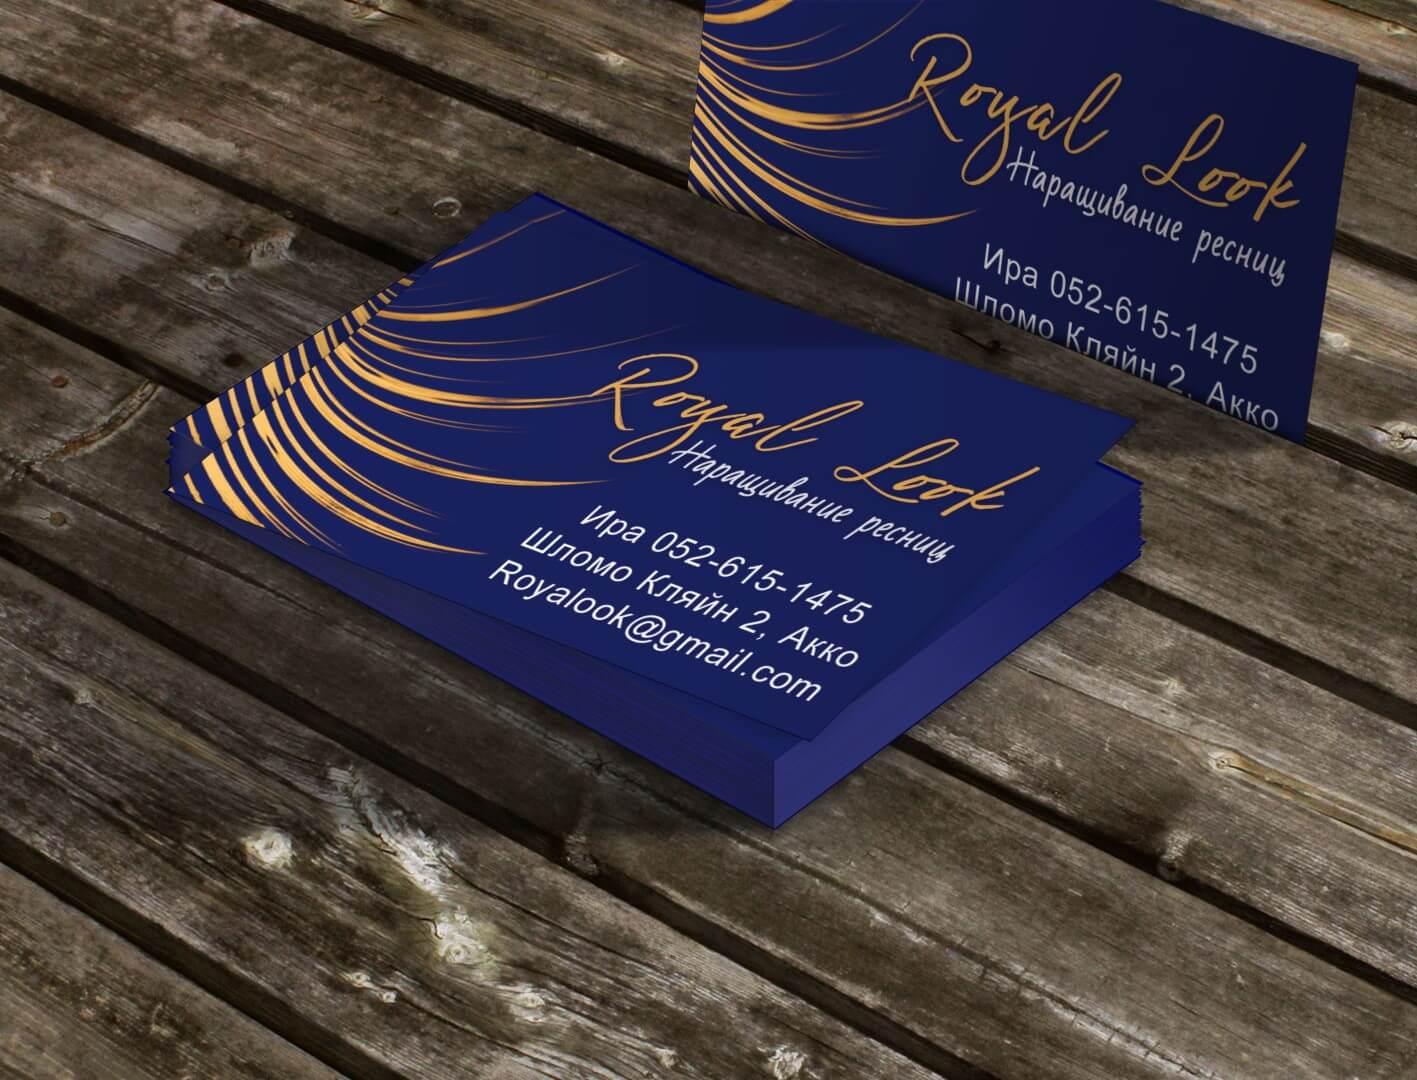 עיצוב כרטיס ביקור לאמנית ריסים וציפורניים